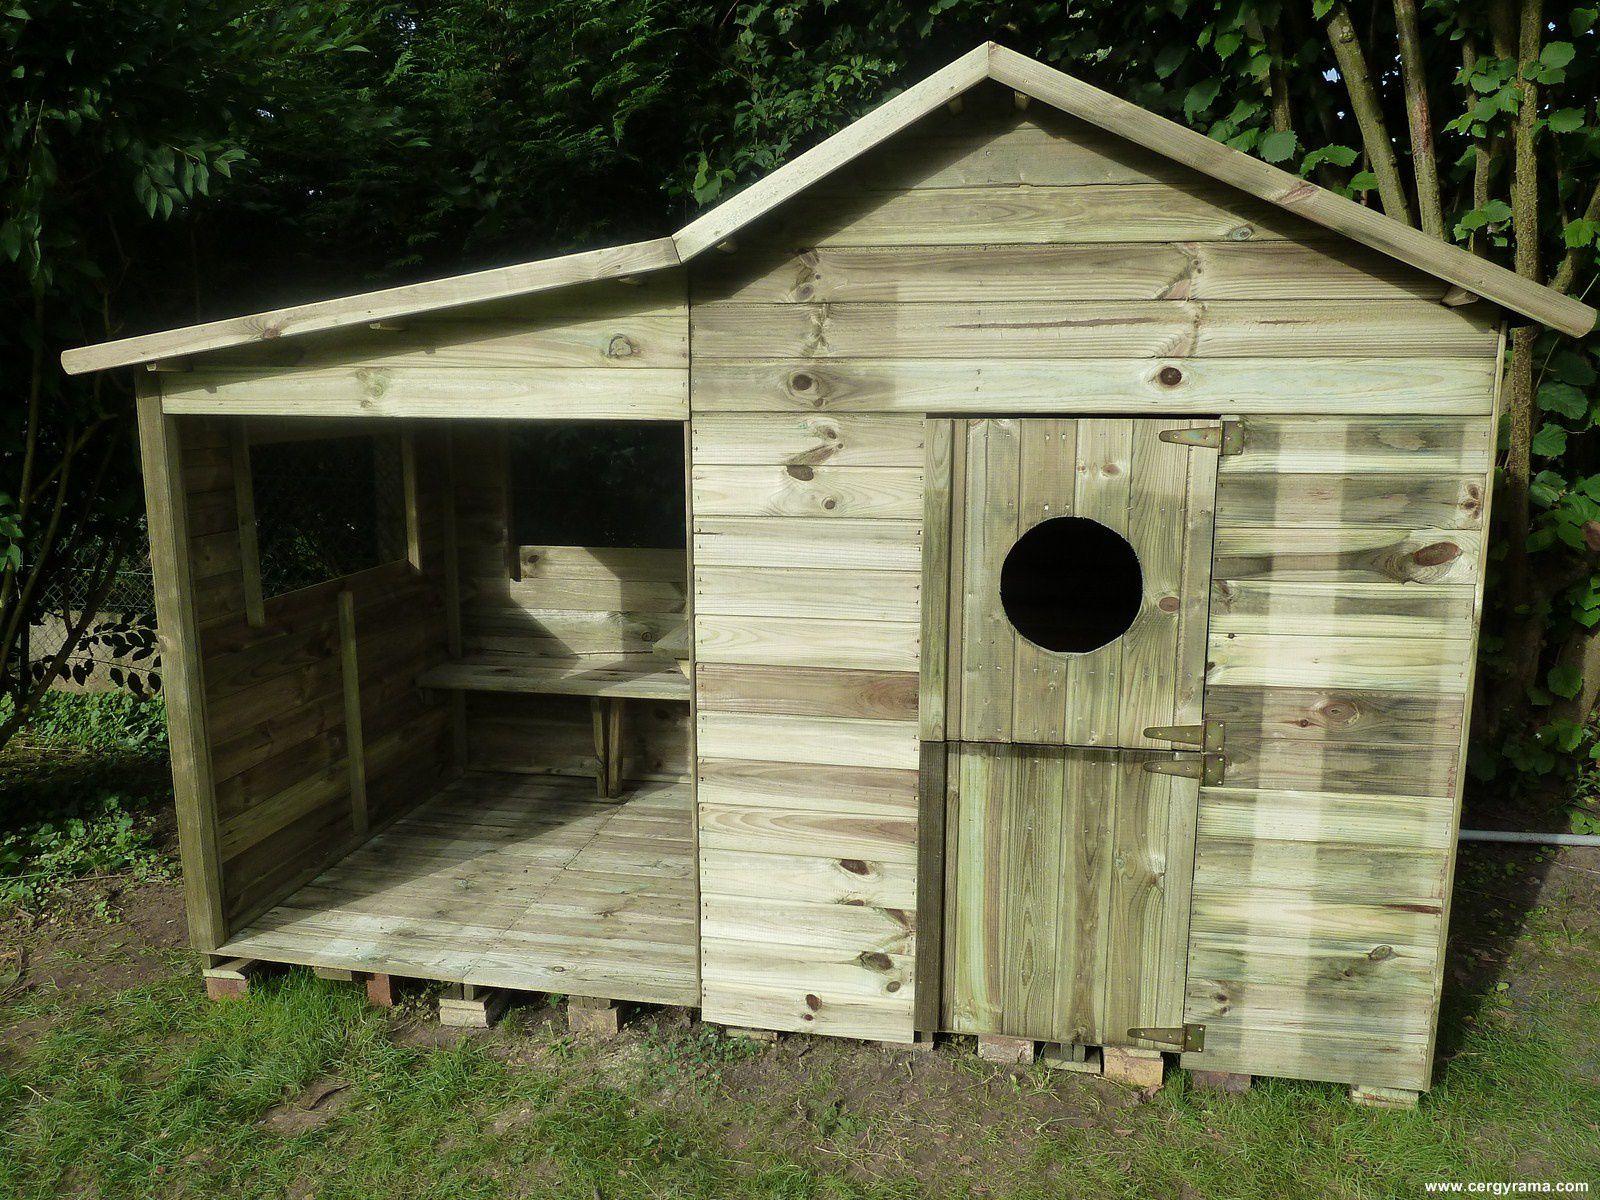 Comment Aménager Une Maisonnette De Jardin En Bois - Cergyrama intérieur Maisonnette De Jardin En Bois